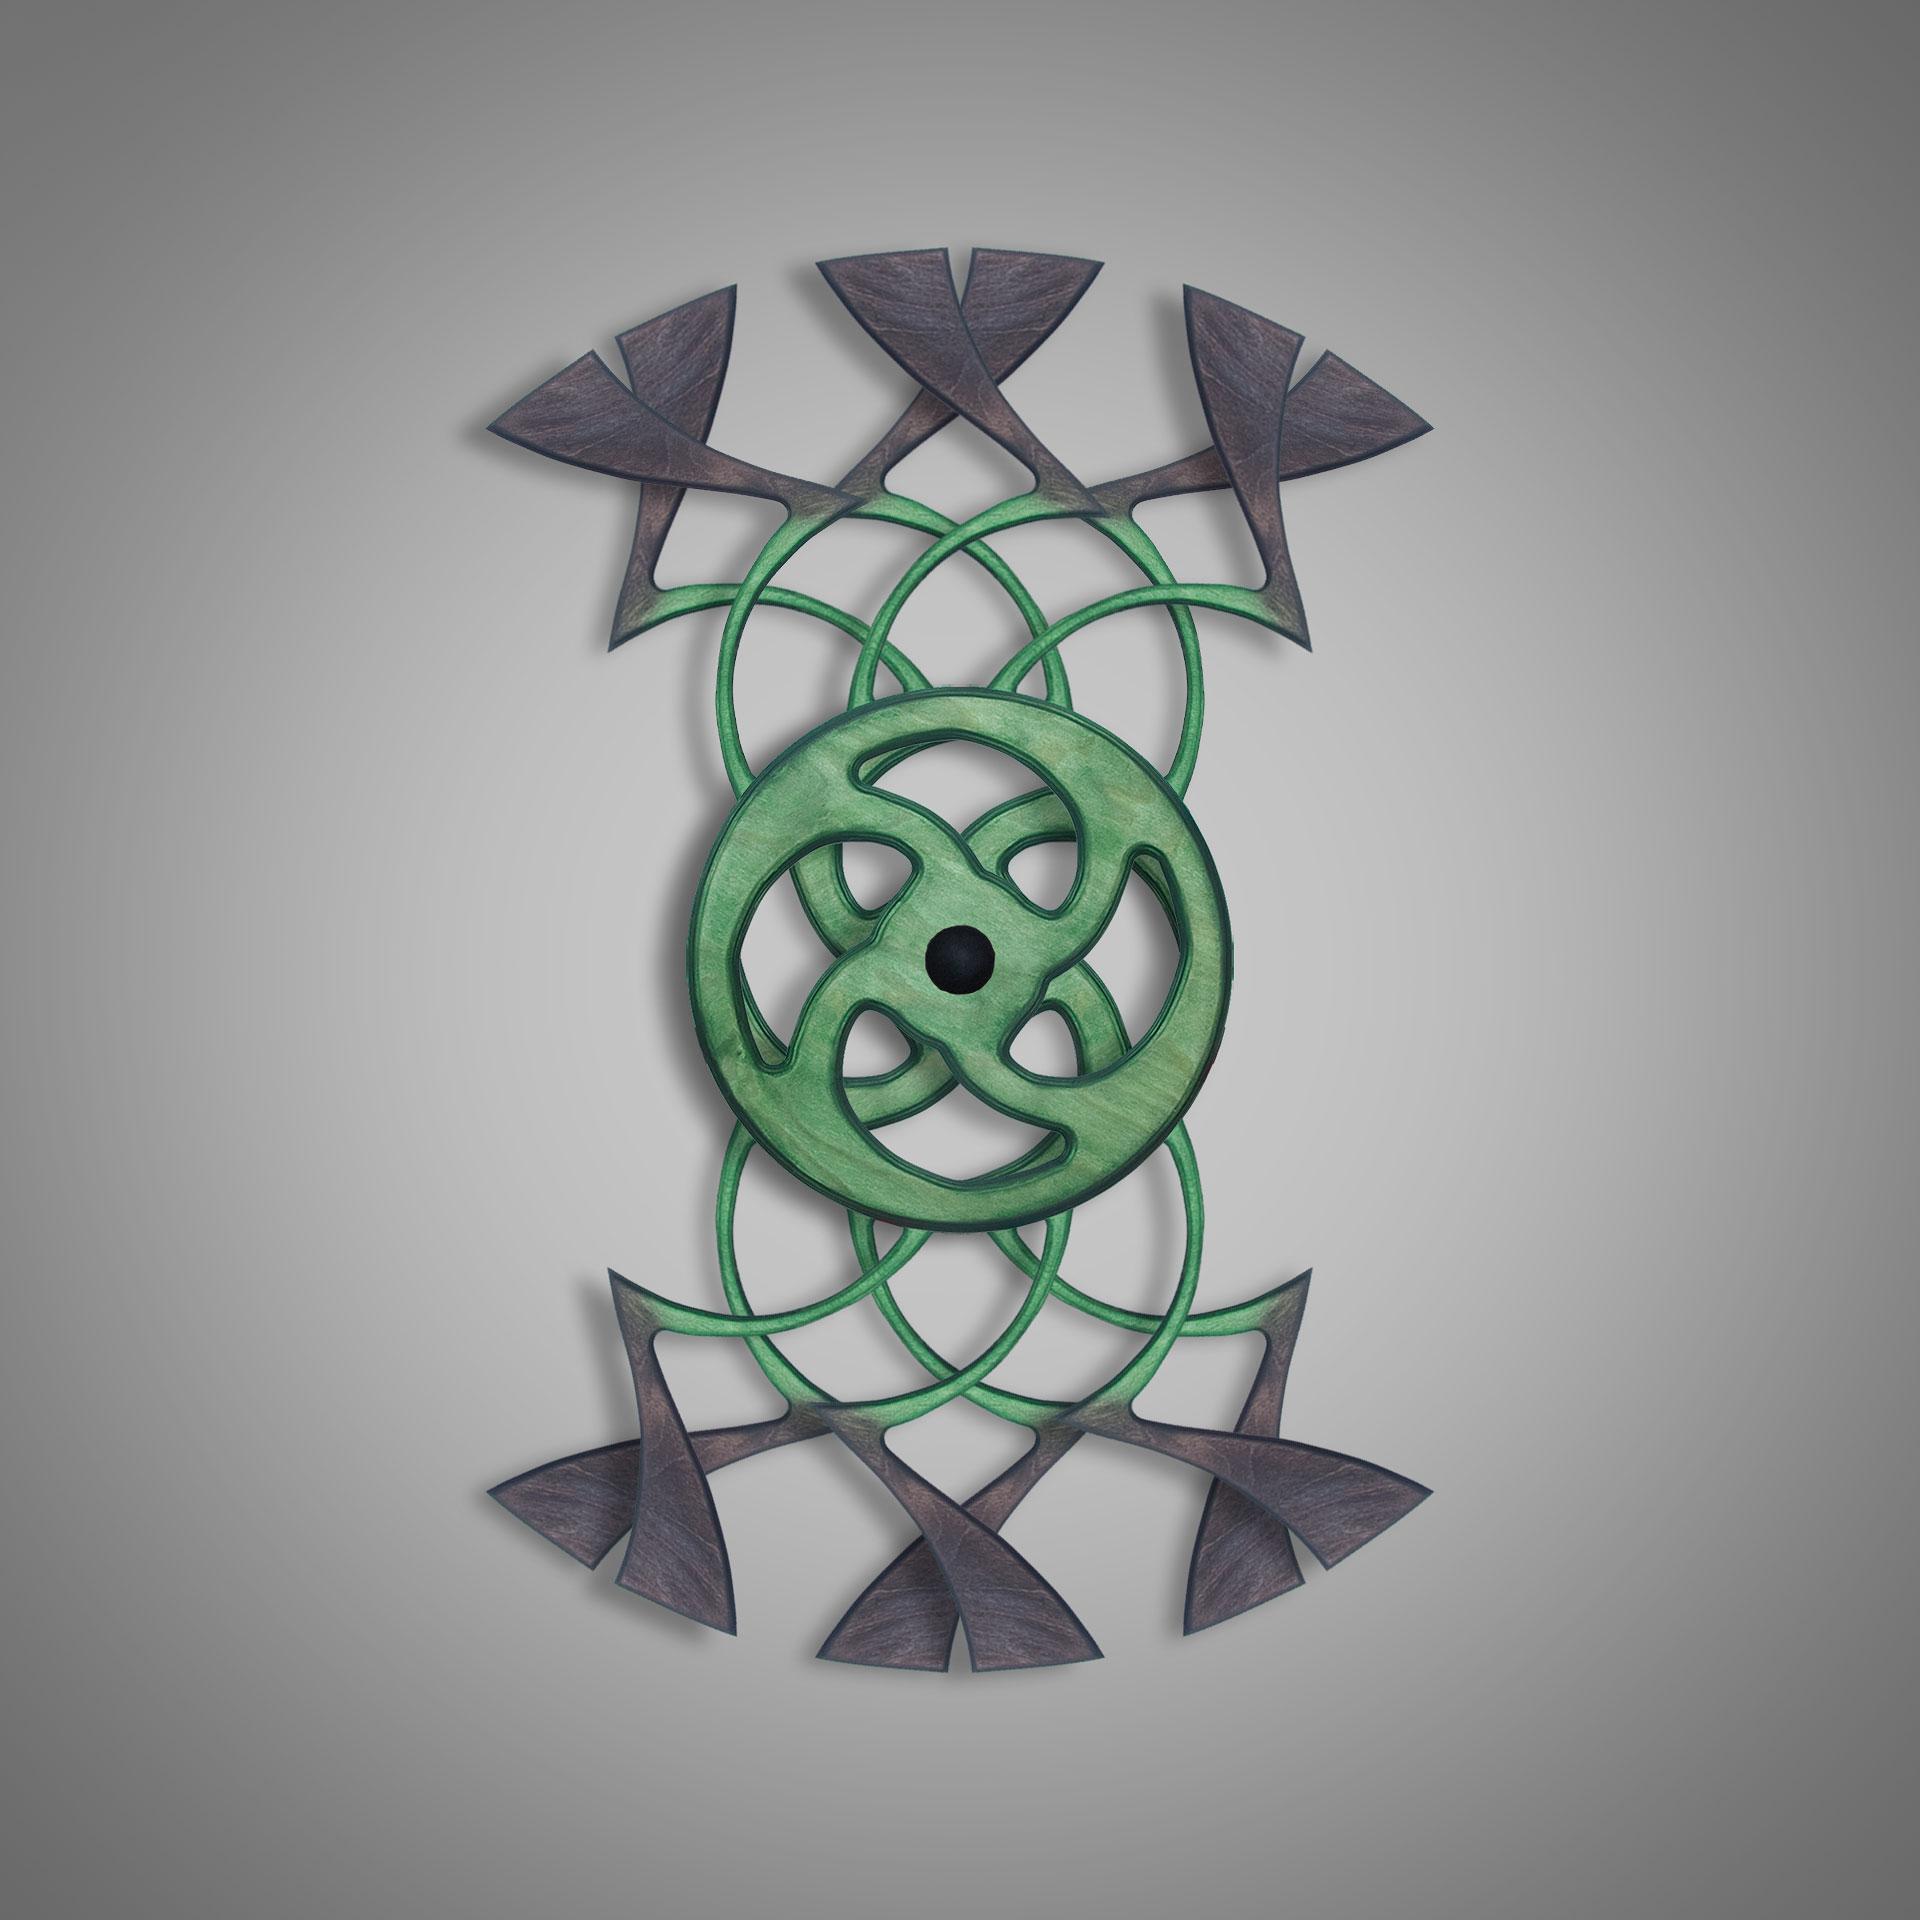 green-inner-reflection.jpg